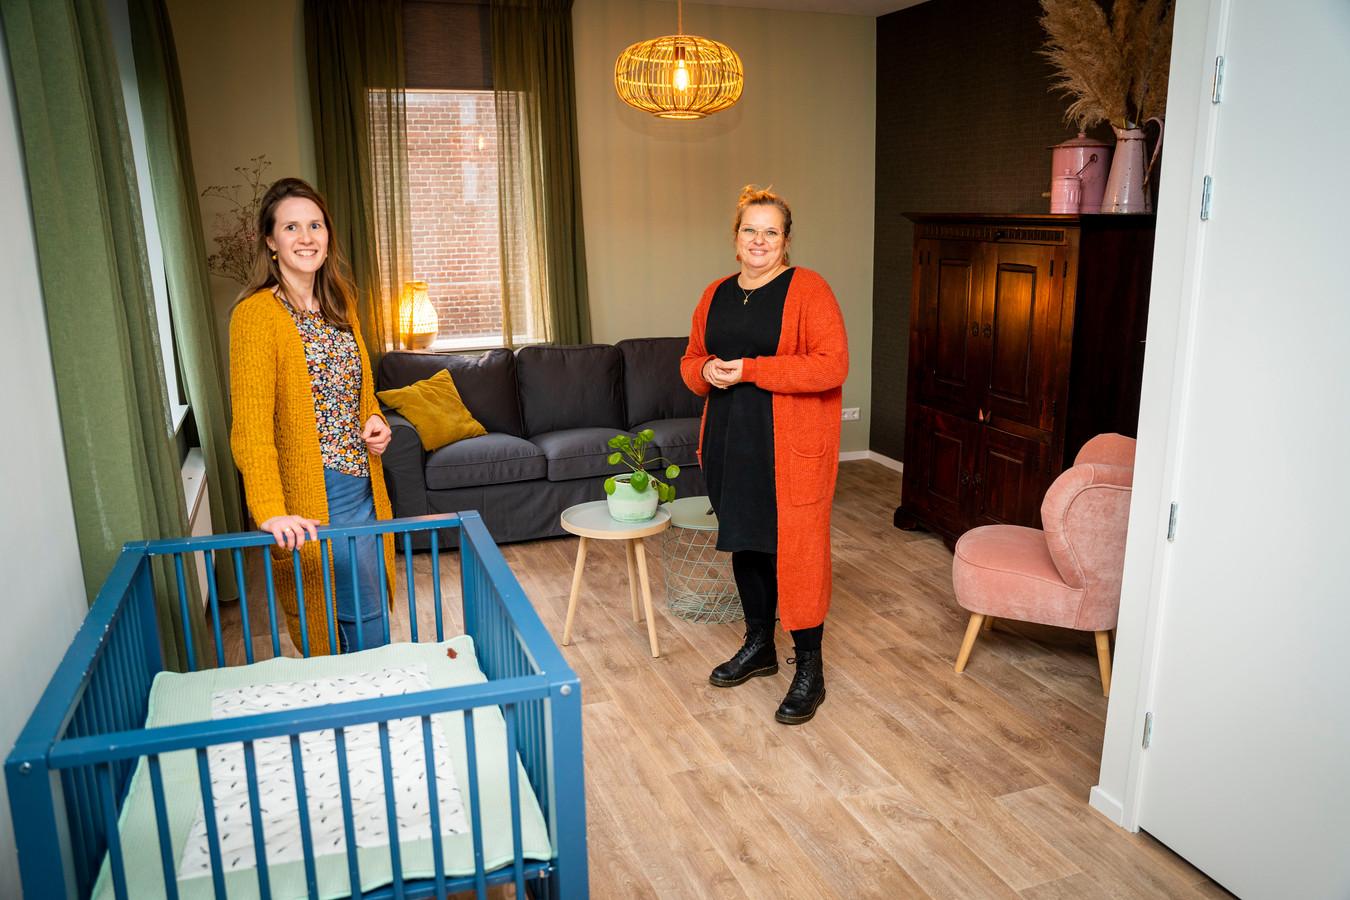 De twee initiatiefneemsters in hun opvanghuis in Sliedrecht.